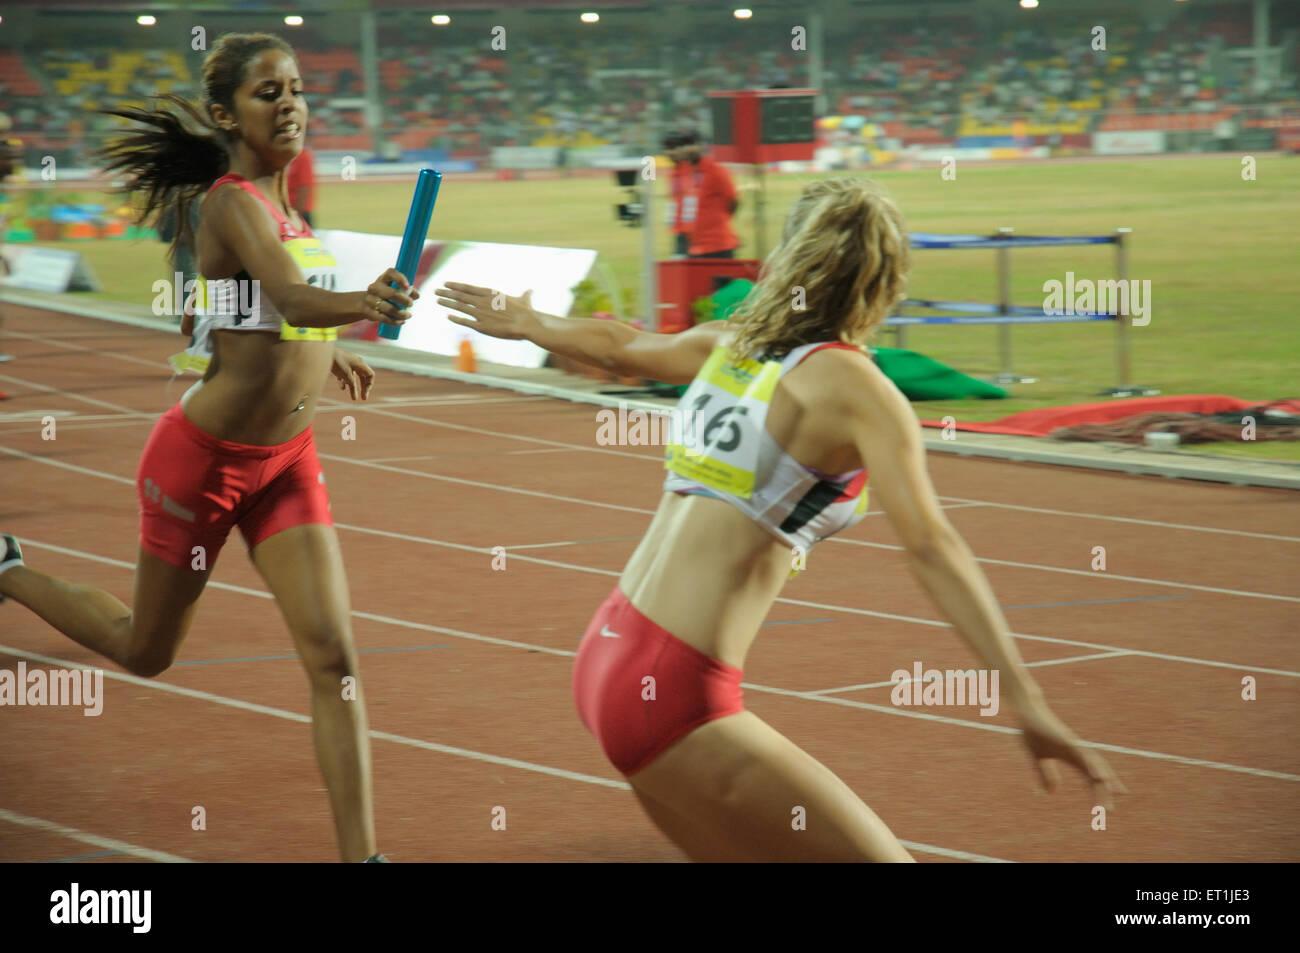 Atleta straniero che passa il testimone a un altro atleta ; Pune ; Maharashtra ; India 16 ottobre 2008 NOMR Immagini Stock